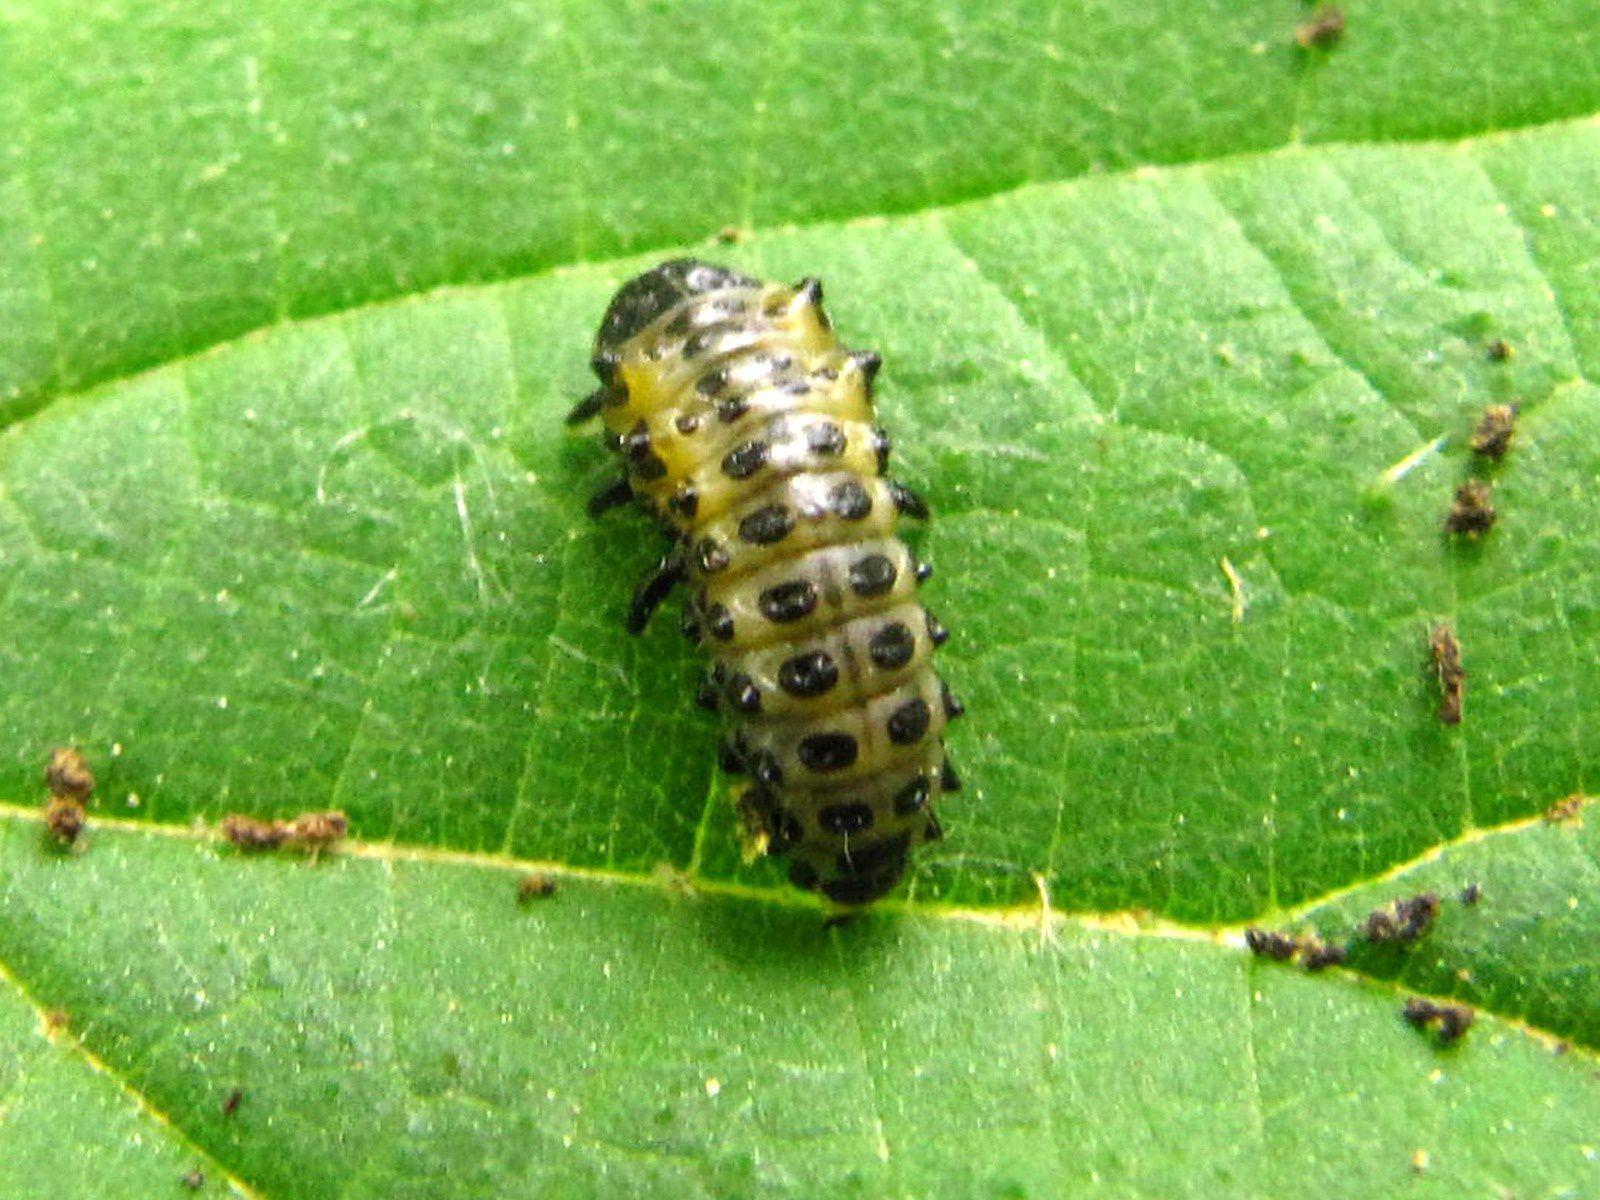 Nymphose, par gravité, d'une coccinelle indéterminée, je pense qu'il s'agit de la même variété que la larve trouvée à proximité.